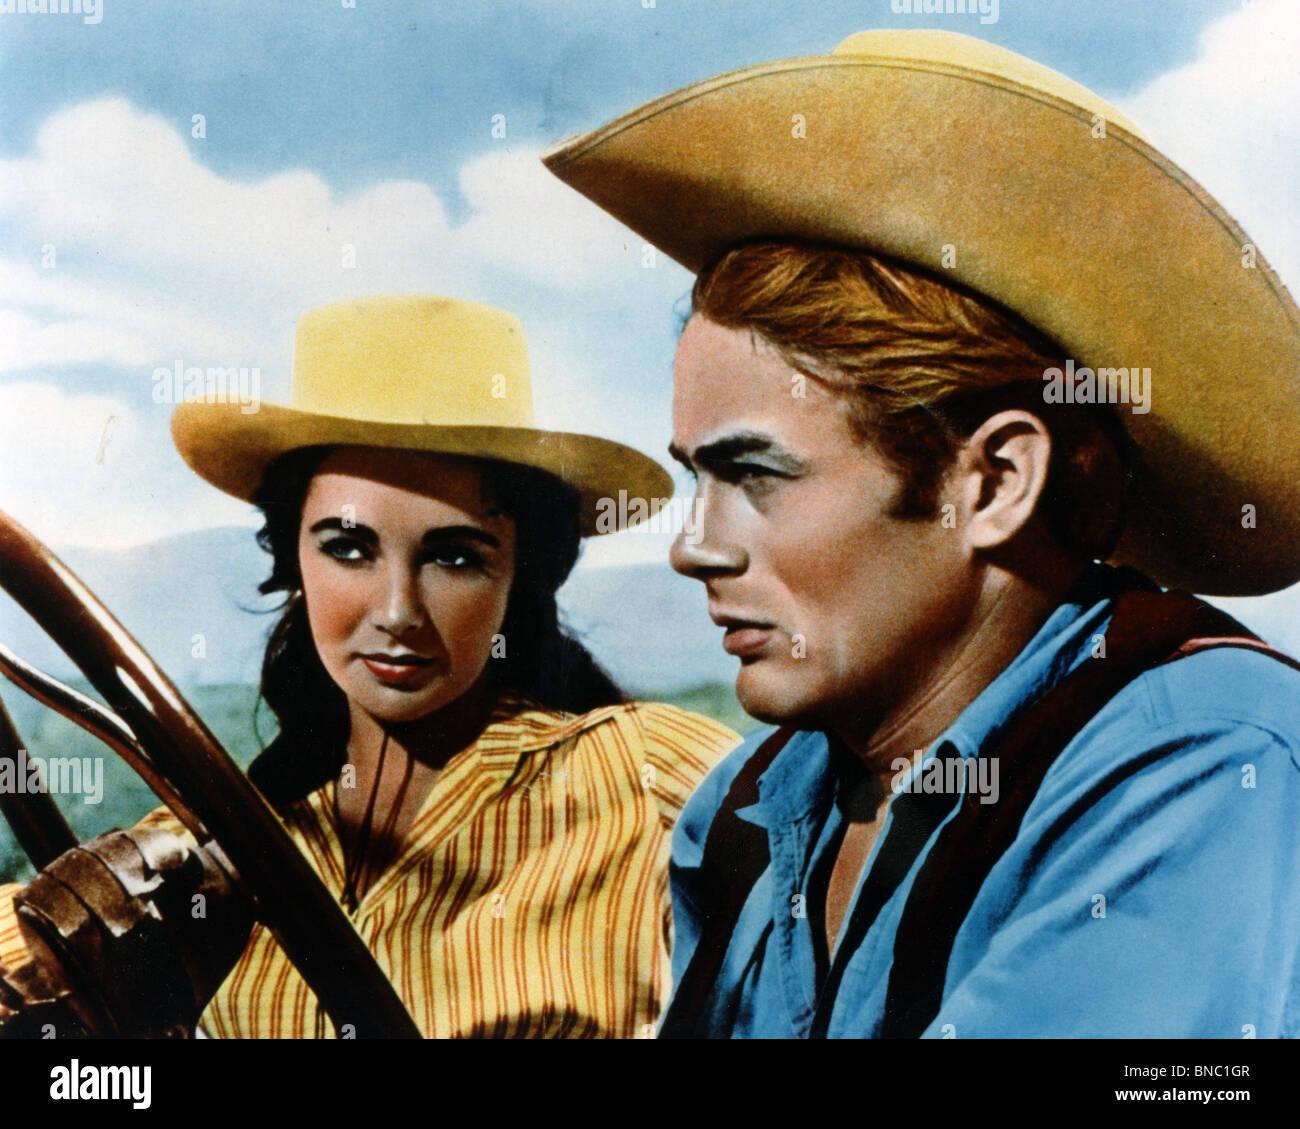 Giant 1956  IMDb